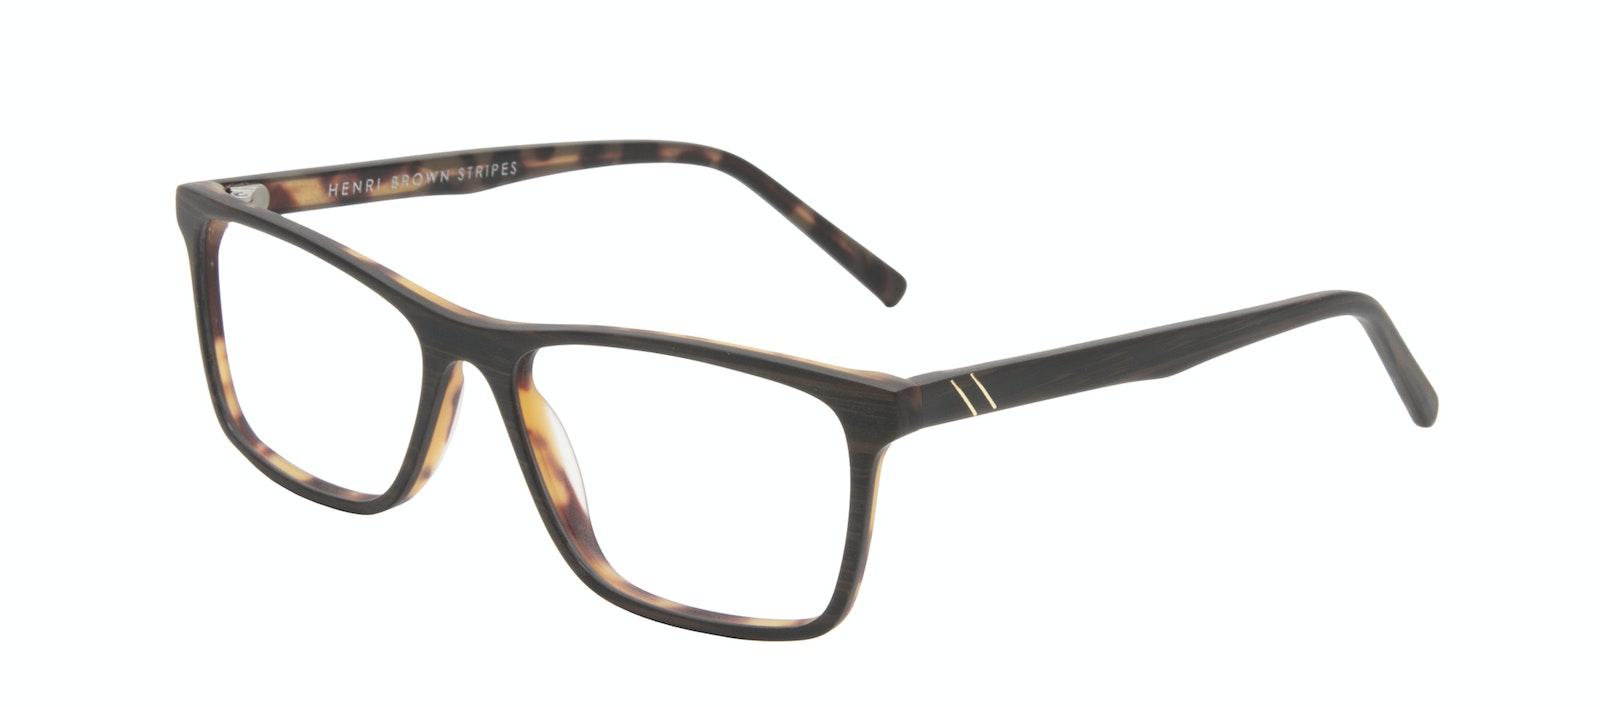 Lunettes tendance Rectangle Lunettes de vue Hommes Henri Brown Stripes Incliné